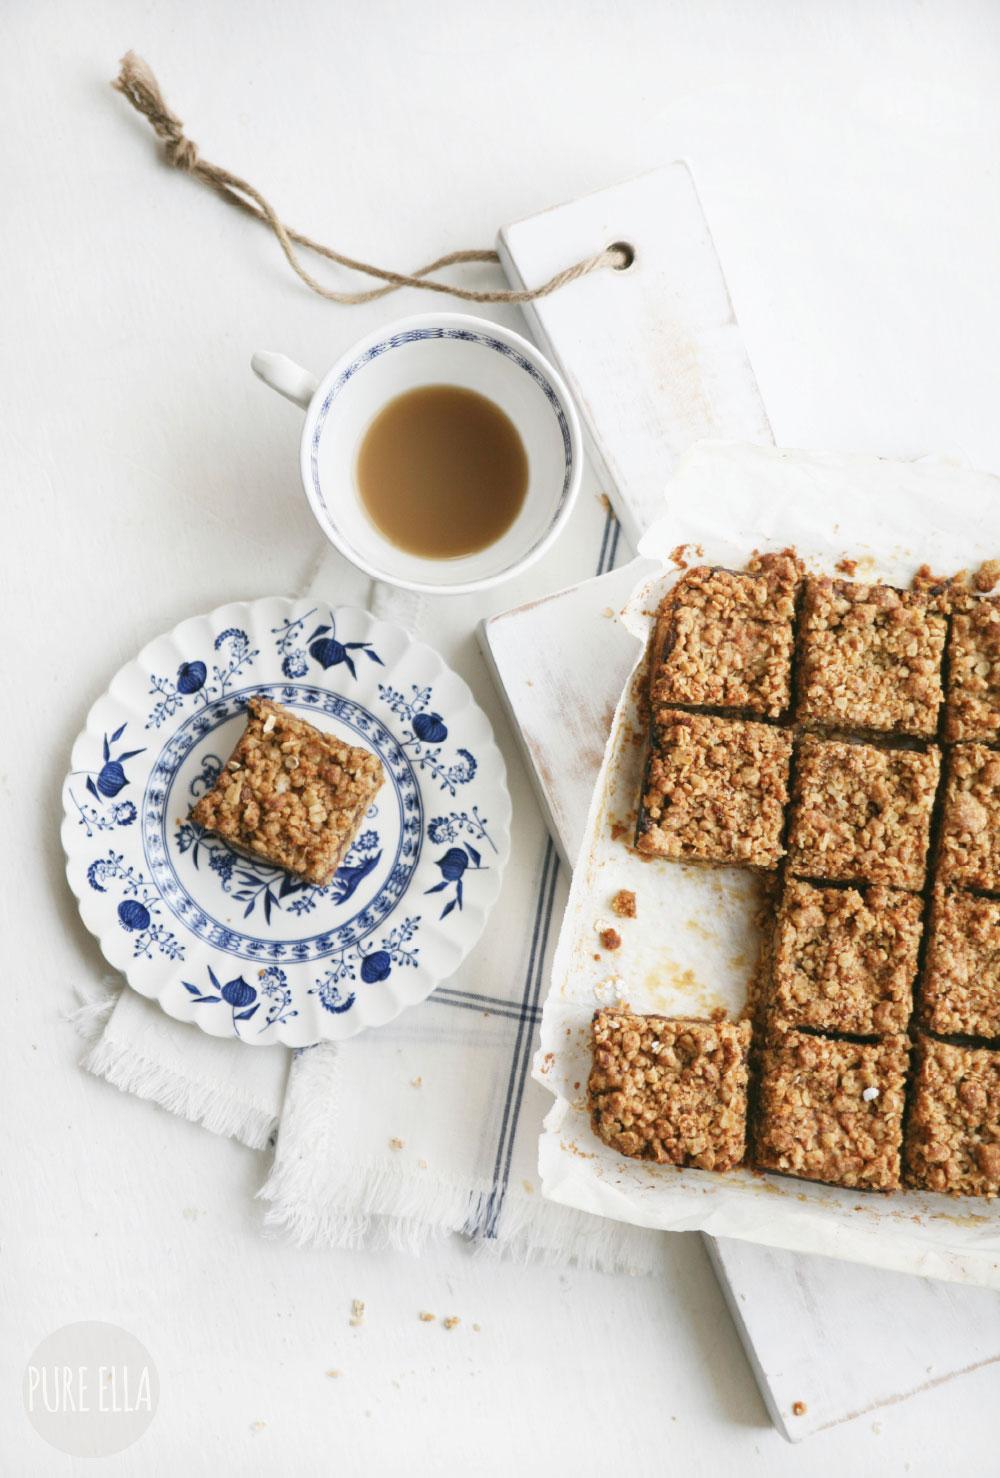 Pure-Ella-5-ingredient-gluten-free-sugar-free-vegan-date-squares3